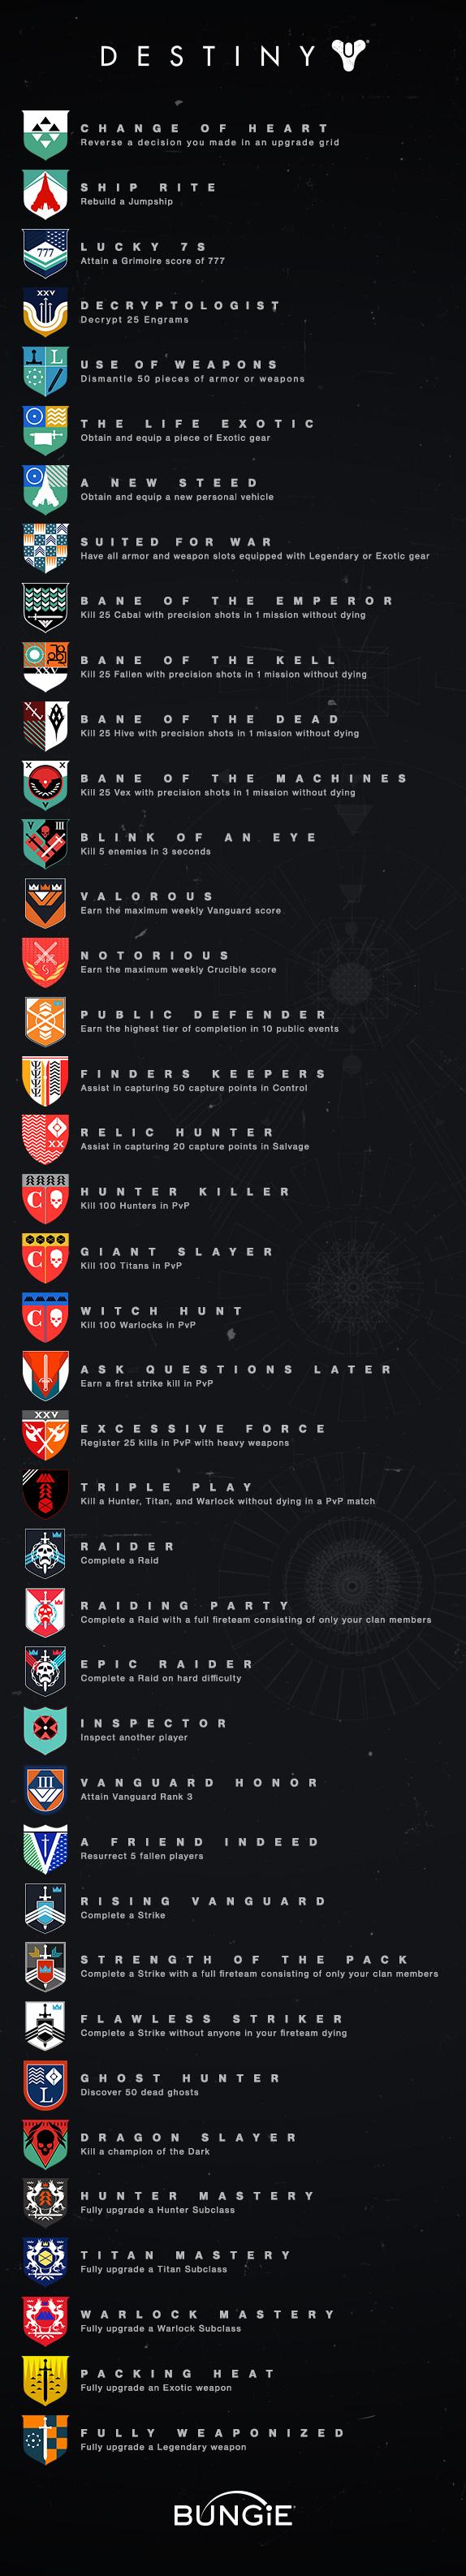 destiny-achievements-become_legend.jpg